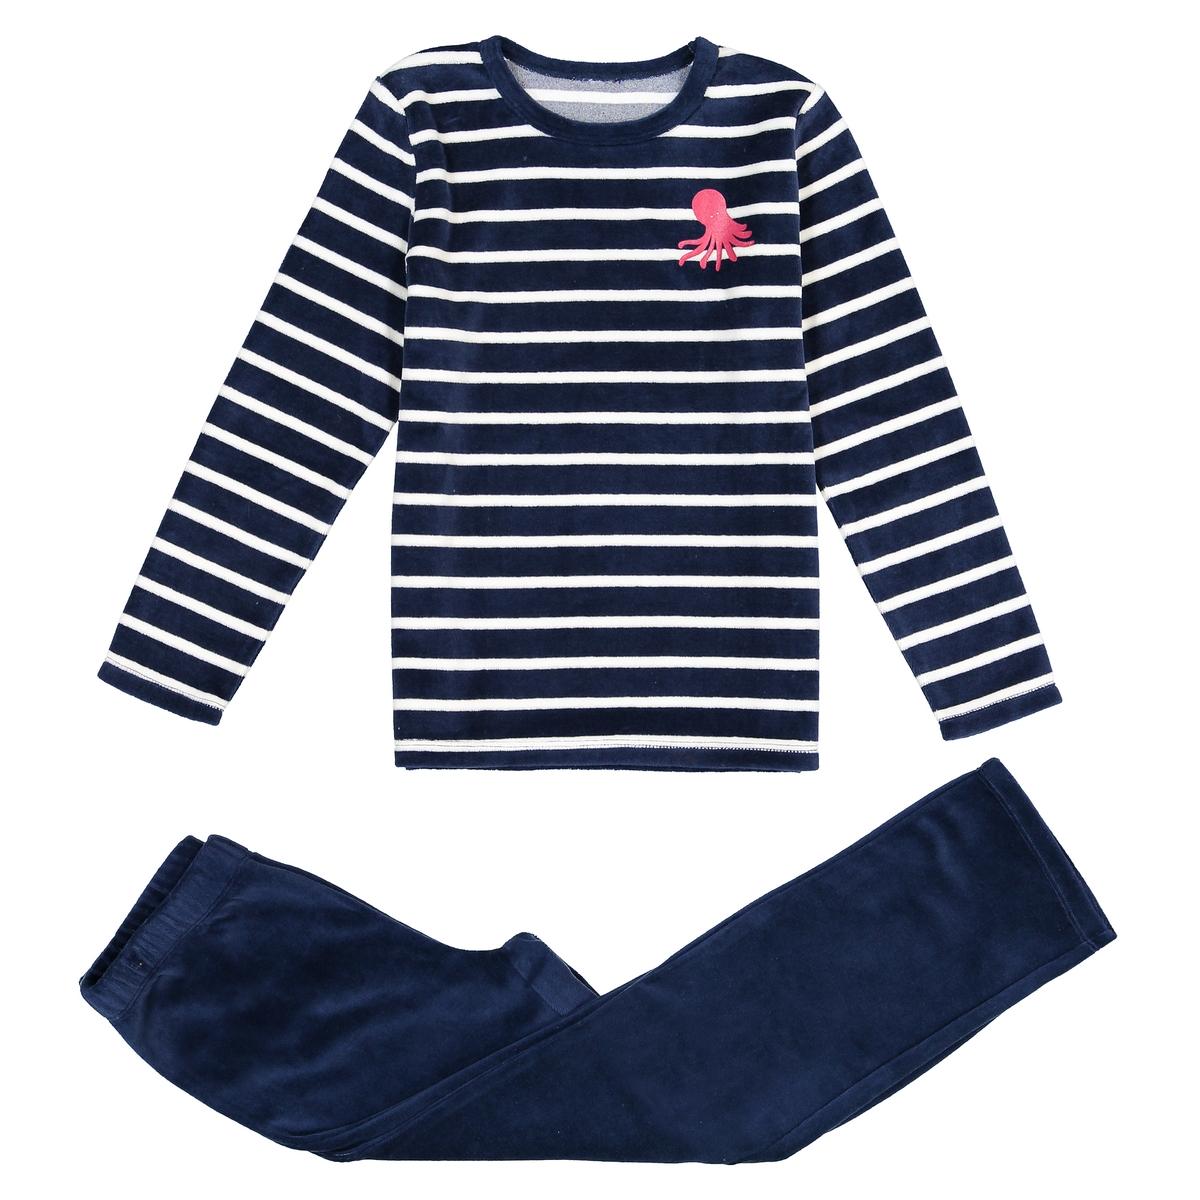 Пижама с длинными рукавами из велюра, 3-12 лет